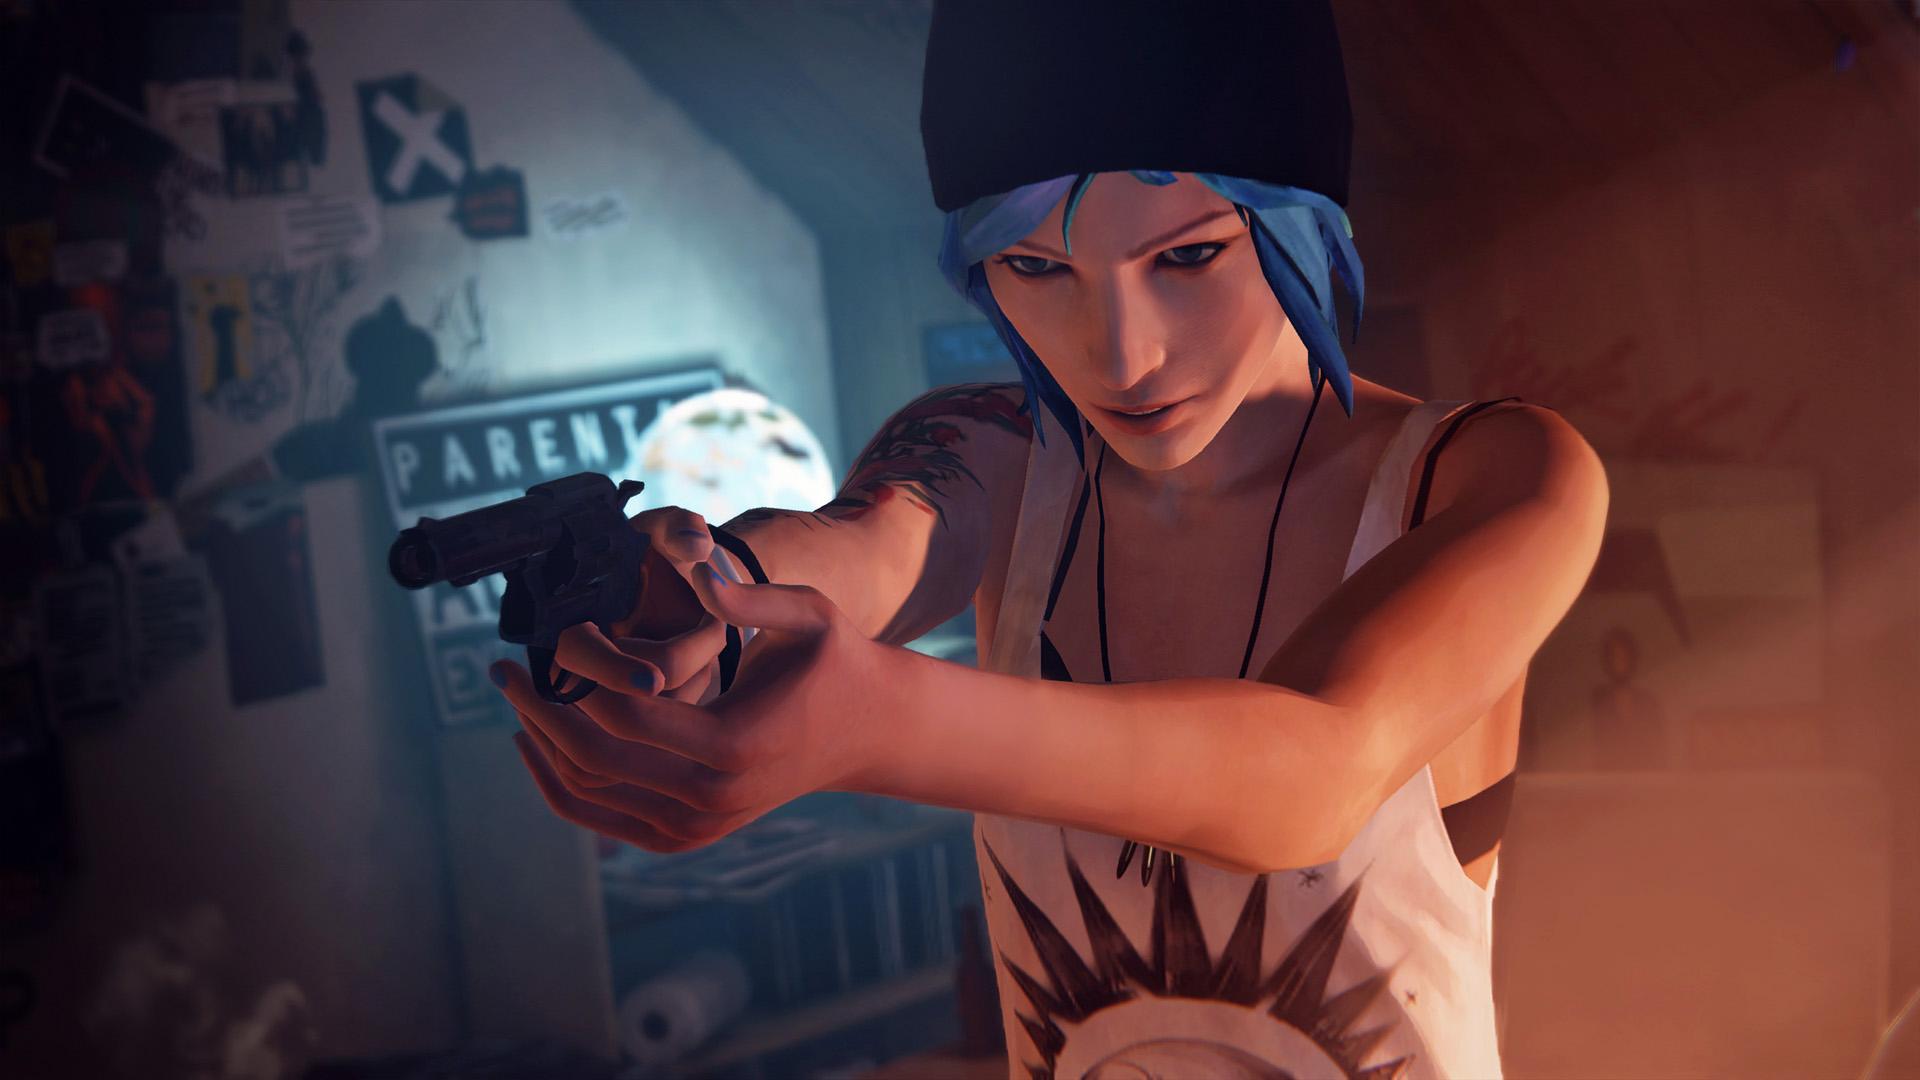 Официальный скриншот «Chloe Gun» из игры Life is Strange